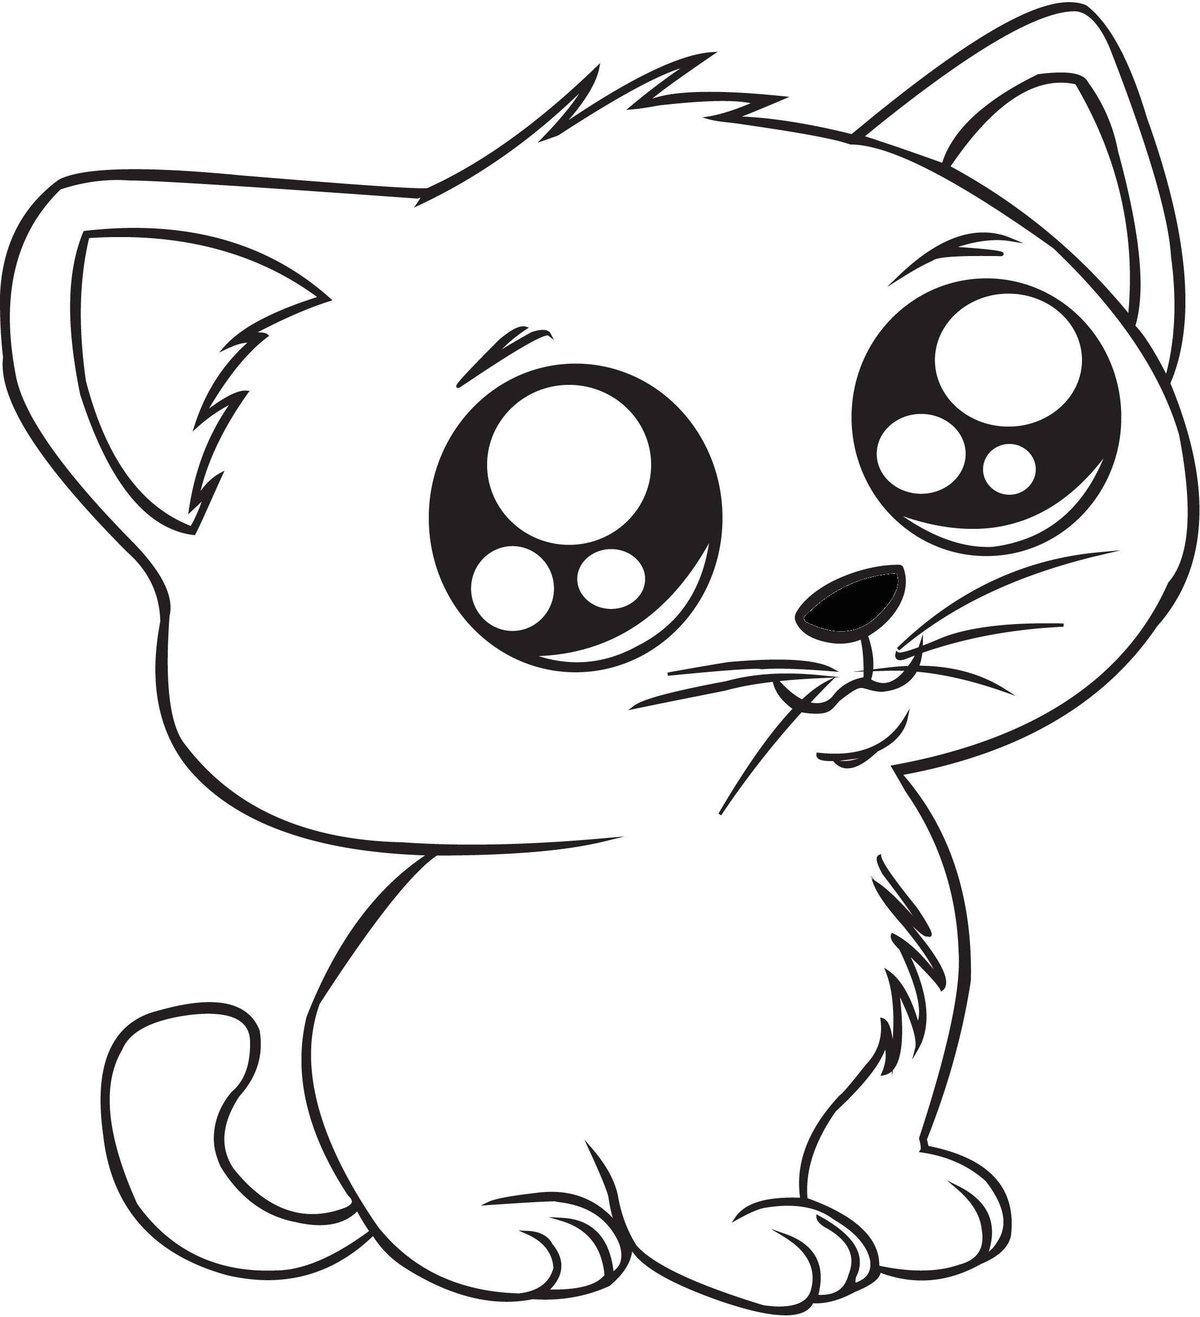 легкие картинки котиков срисования стоянку, где находятся